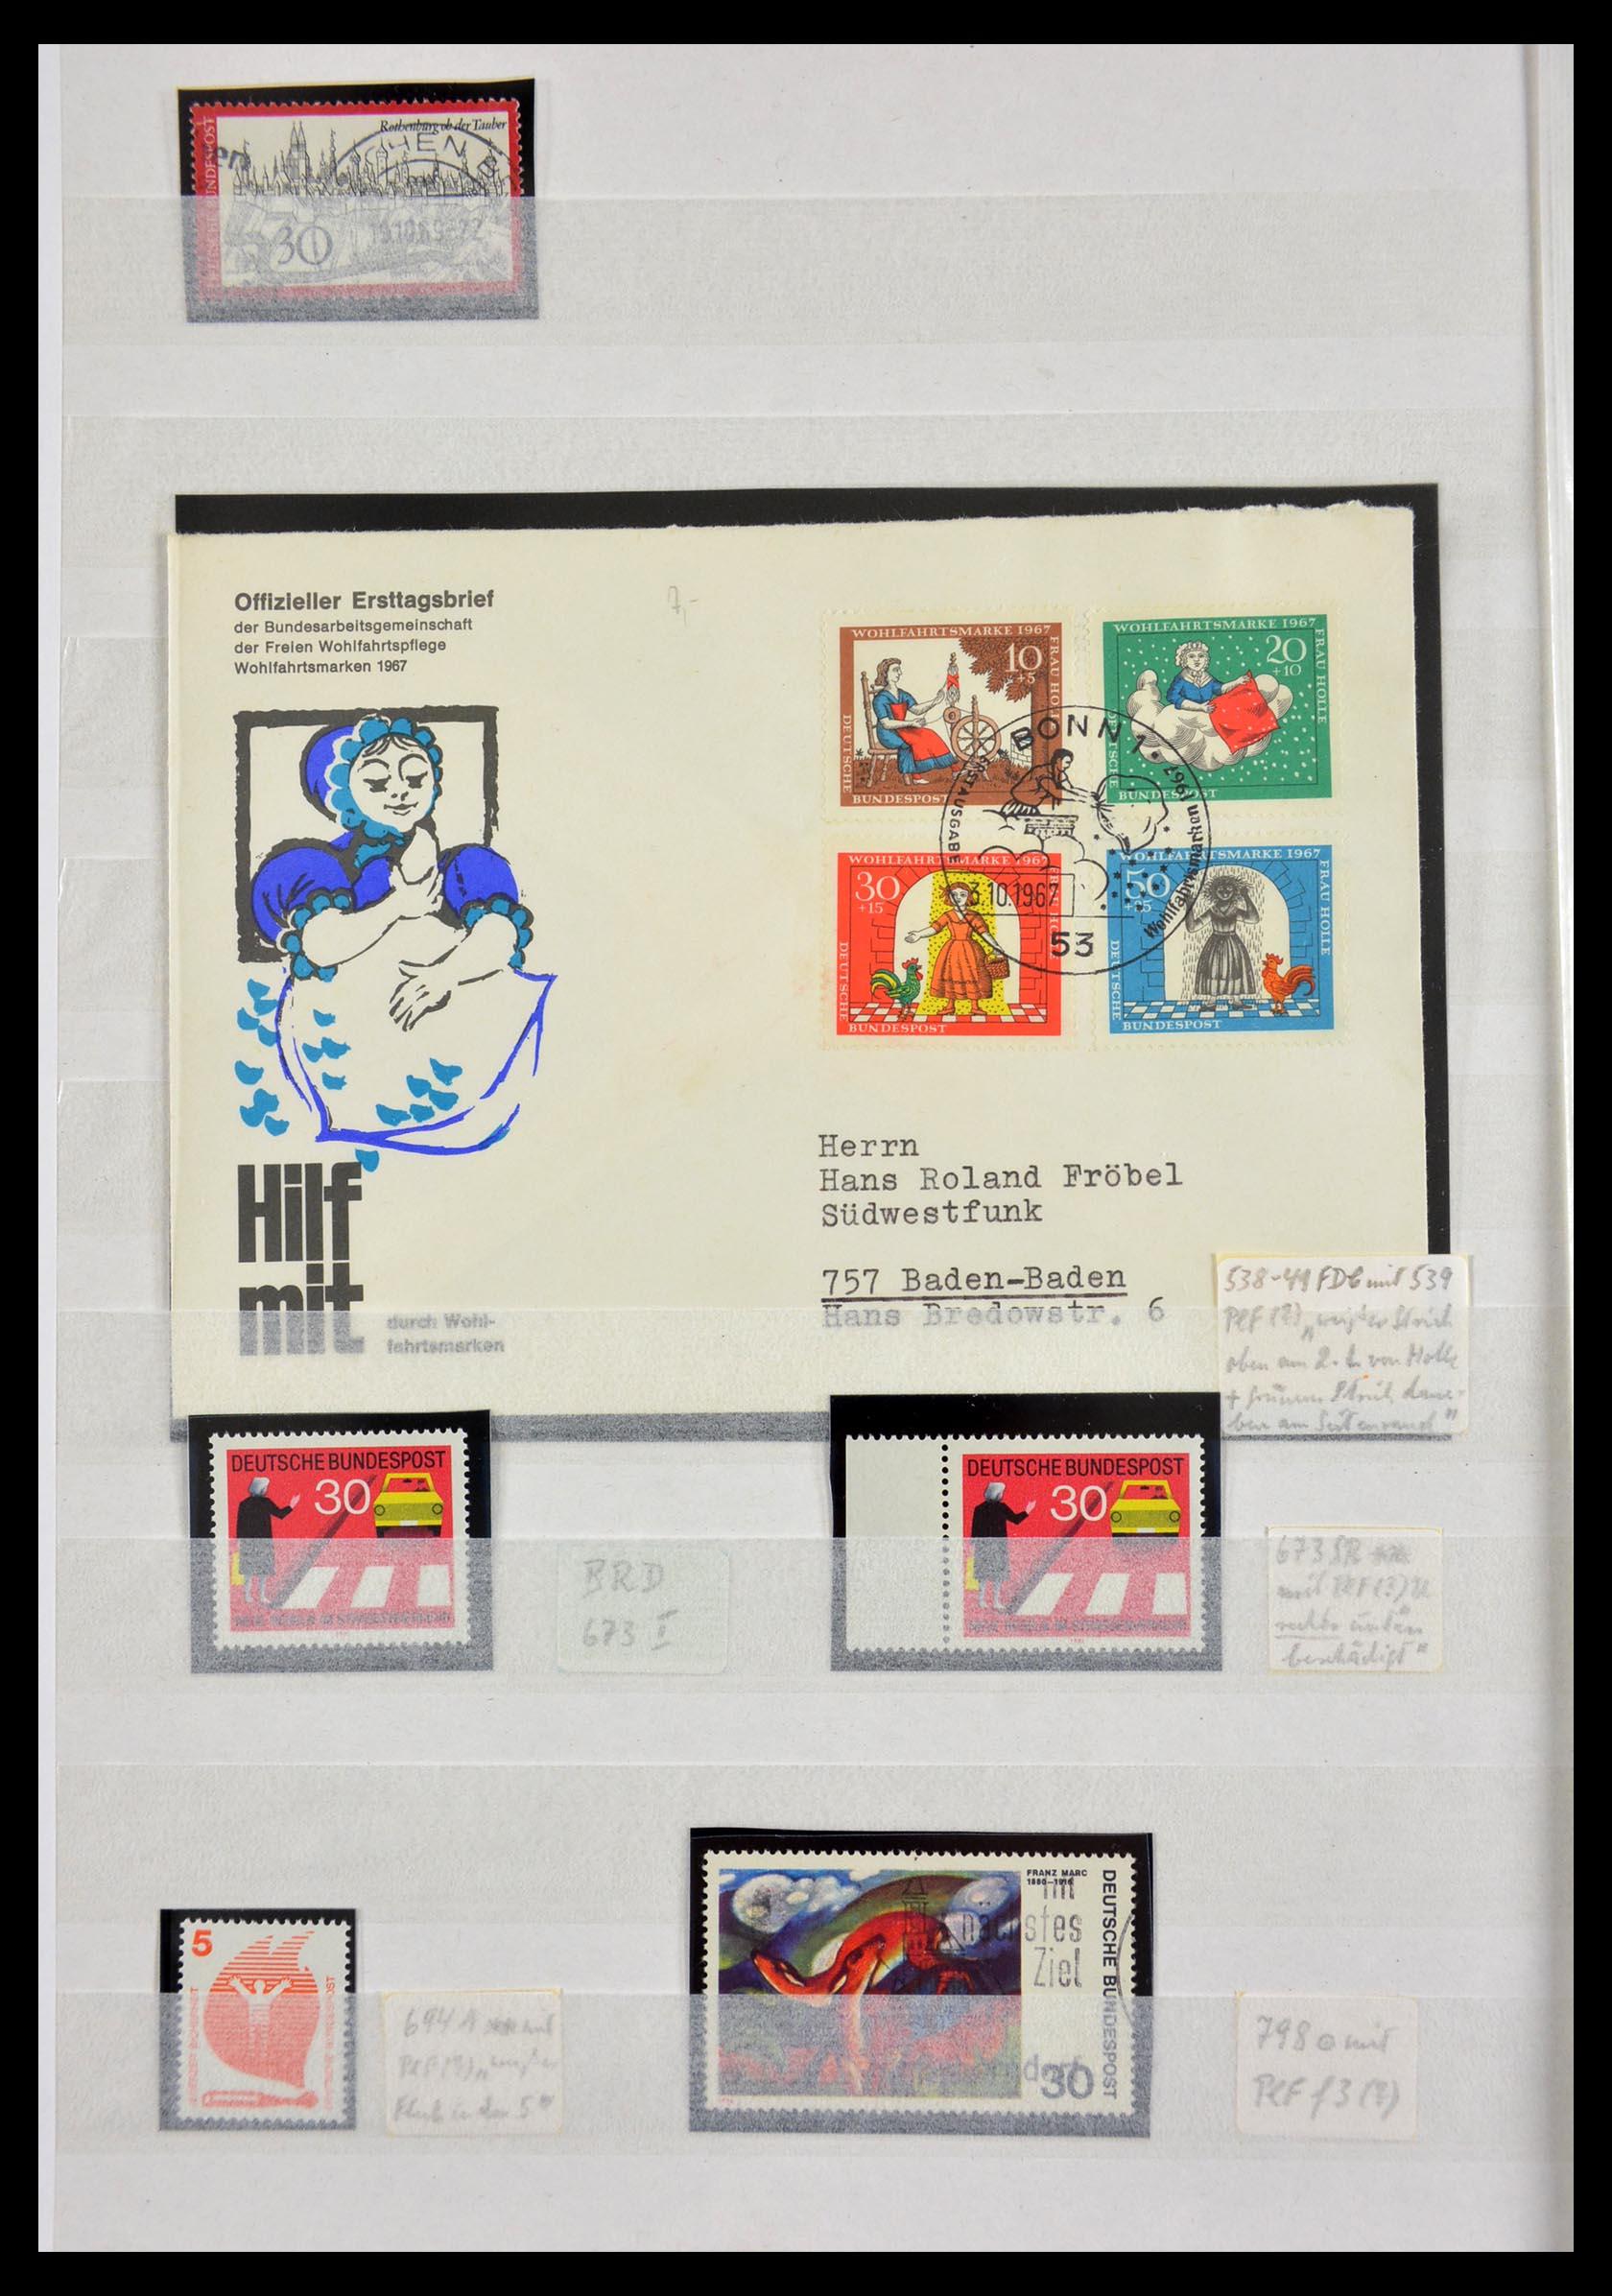 29491 002 - 29491 Bundespost plateflaws 1957-1994.